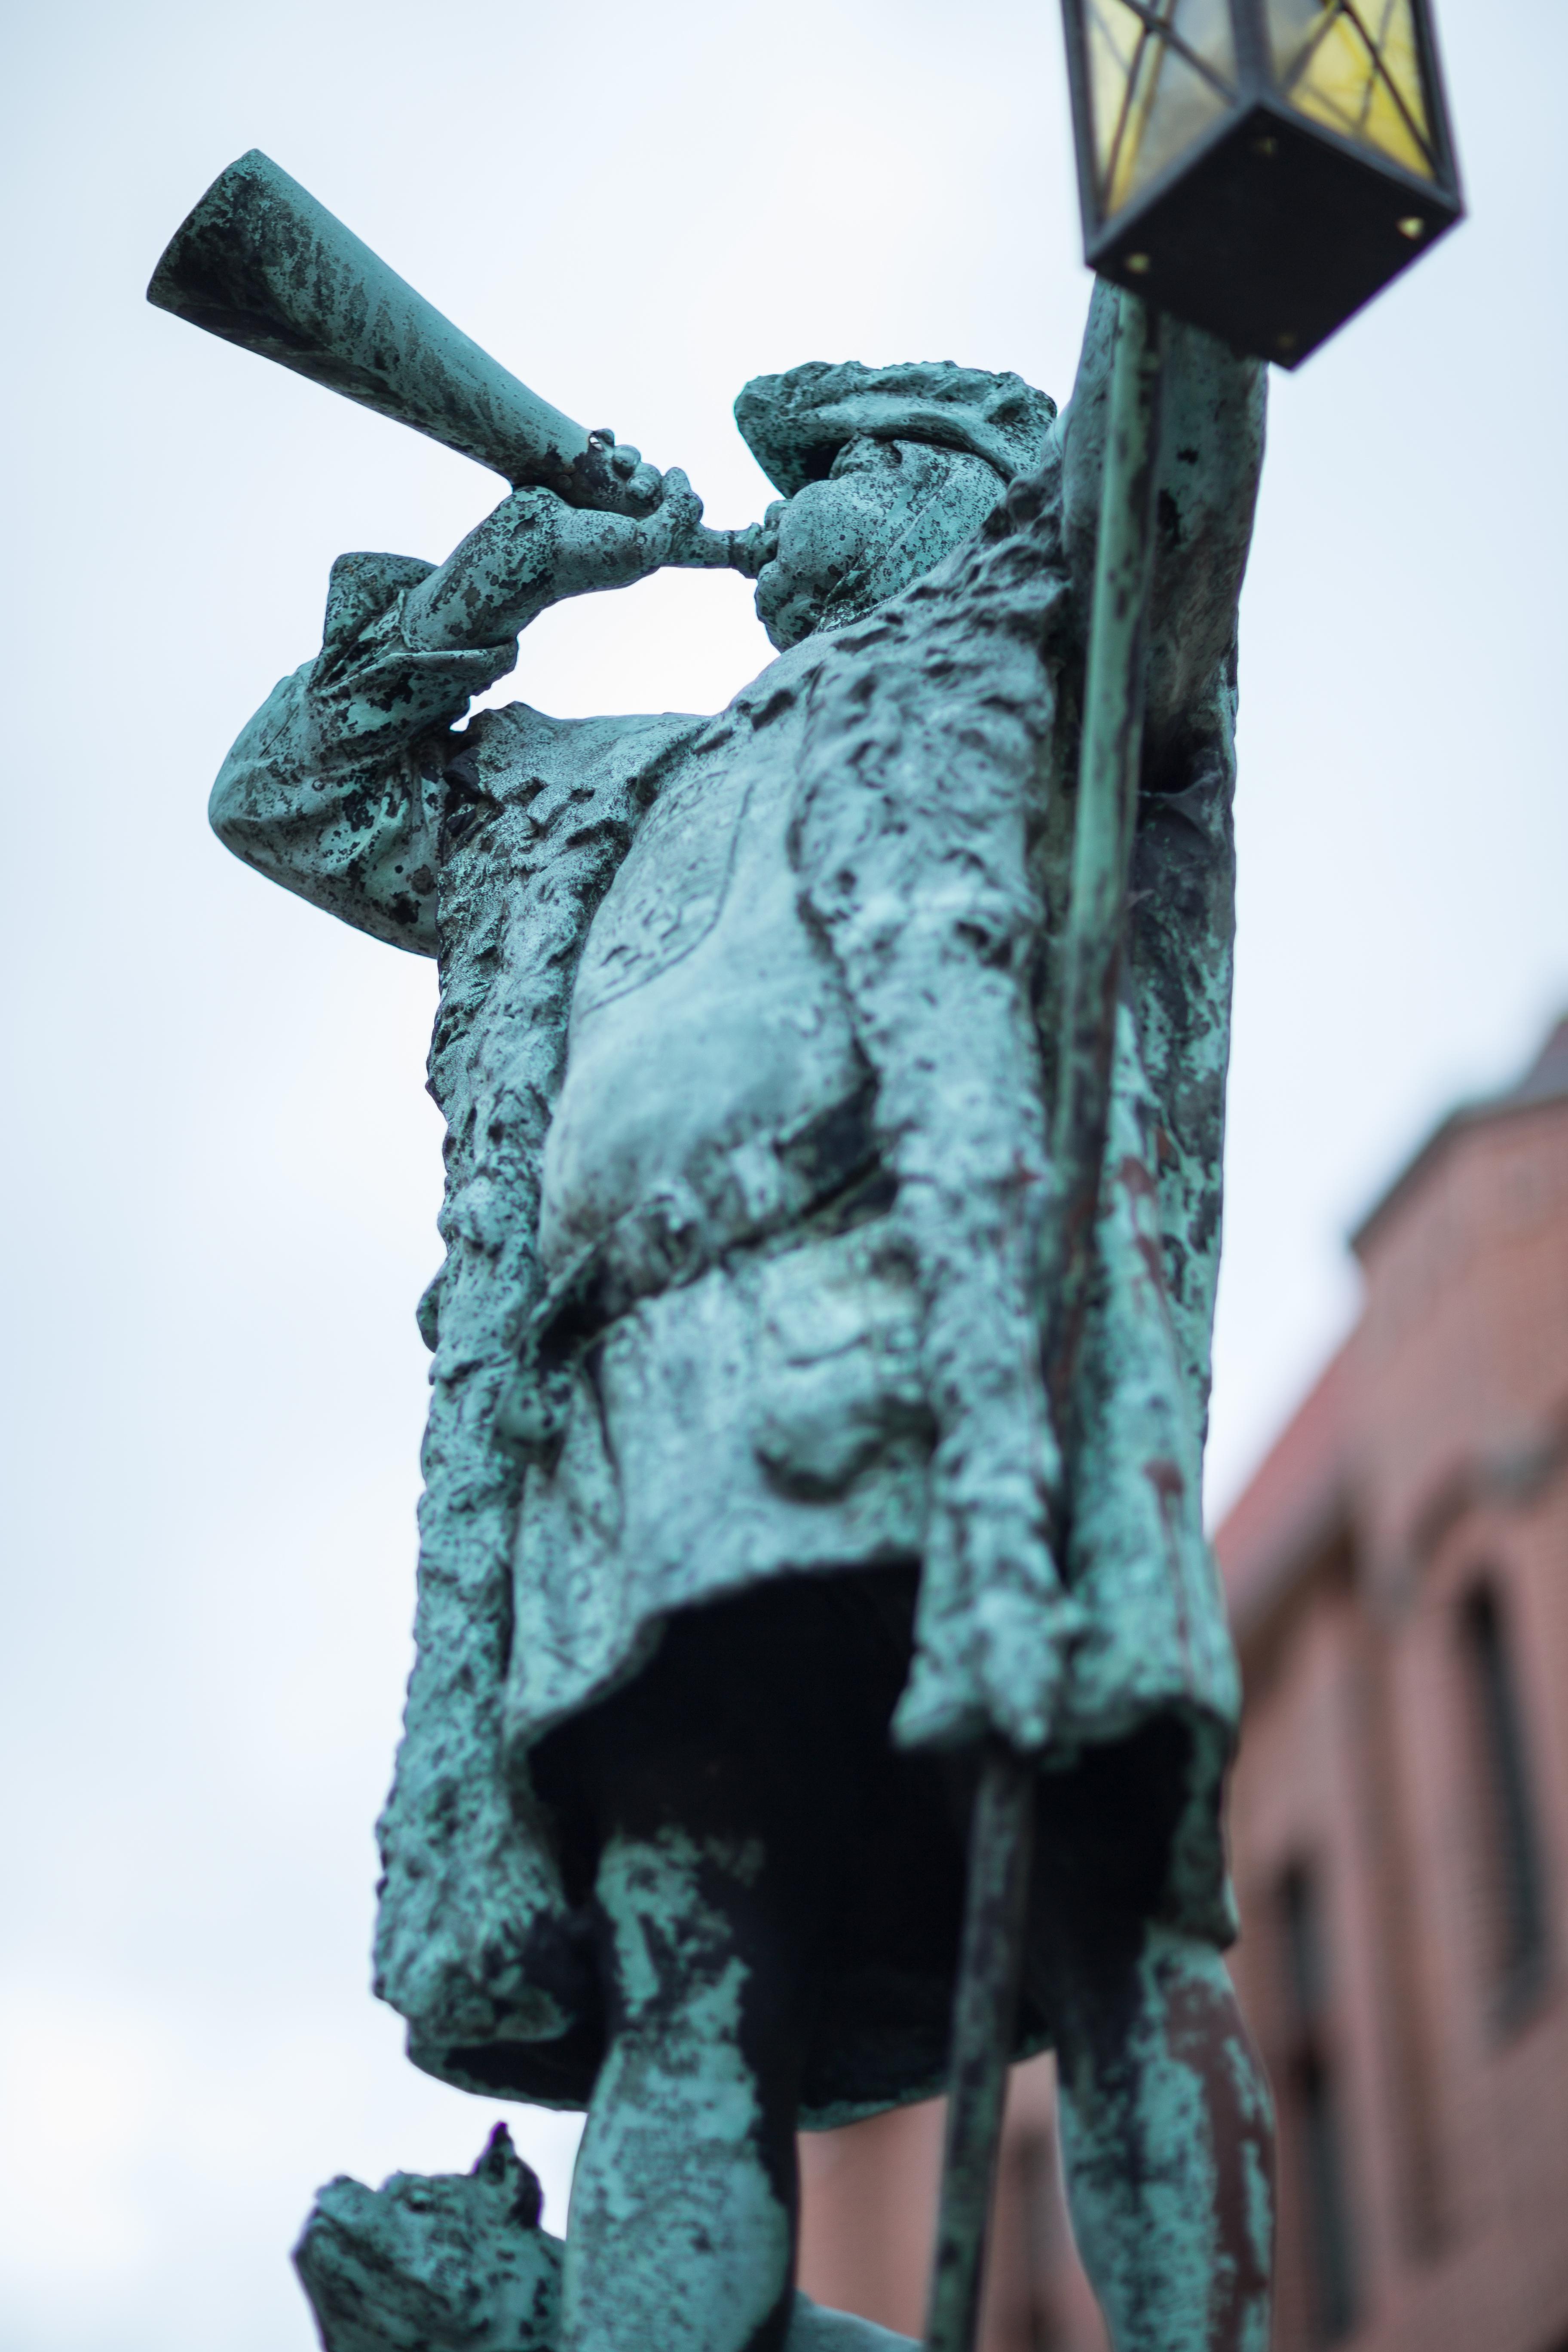 Datei:Sculpture Nachtwaechter nightwatchman Linden-Mitte Hannover ...